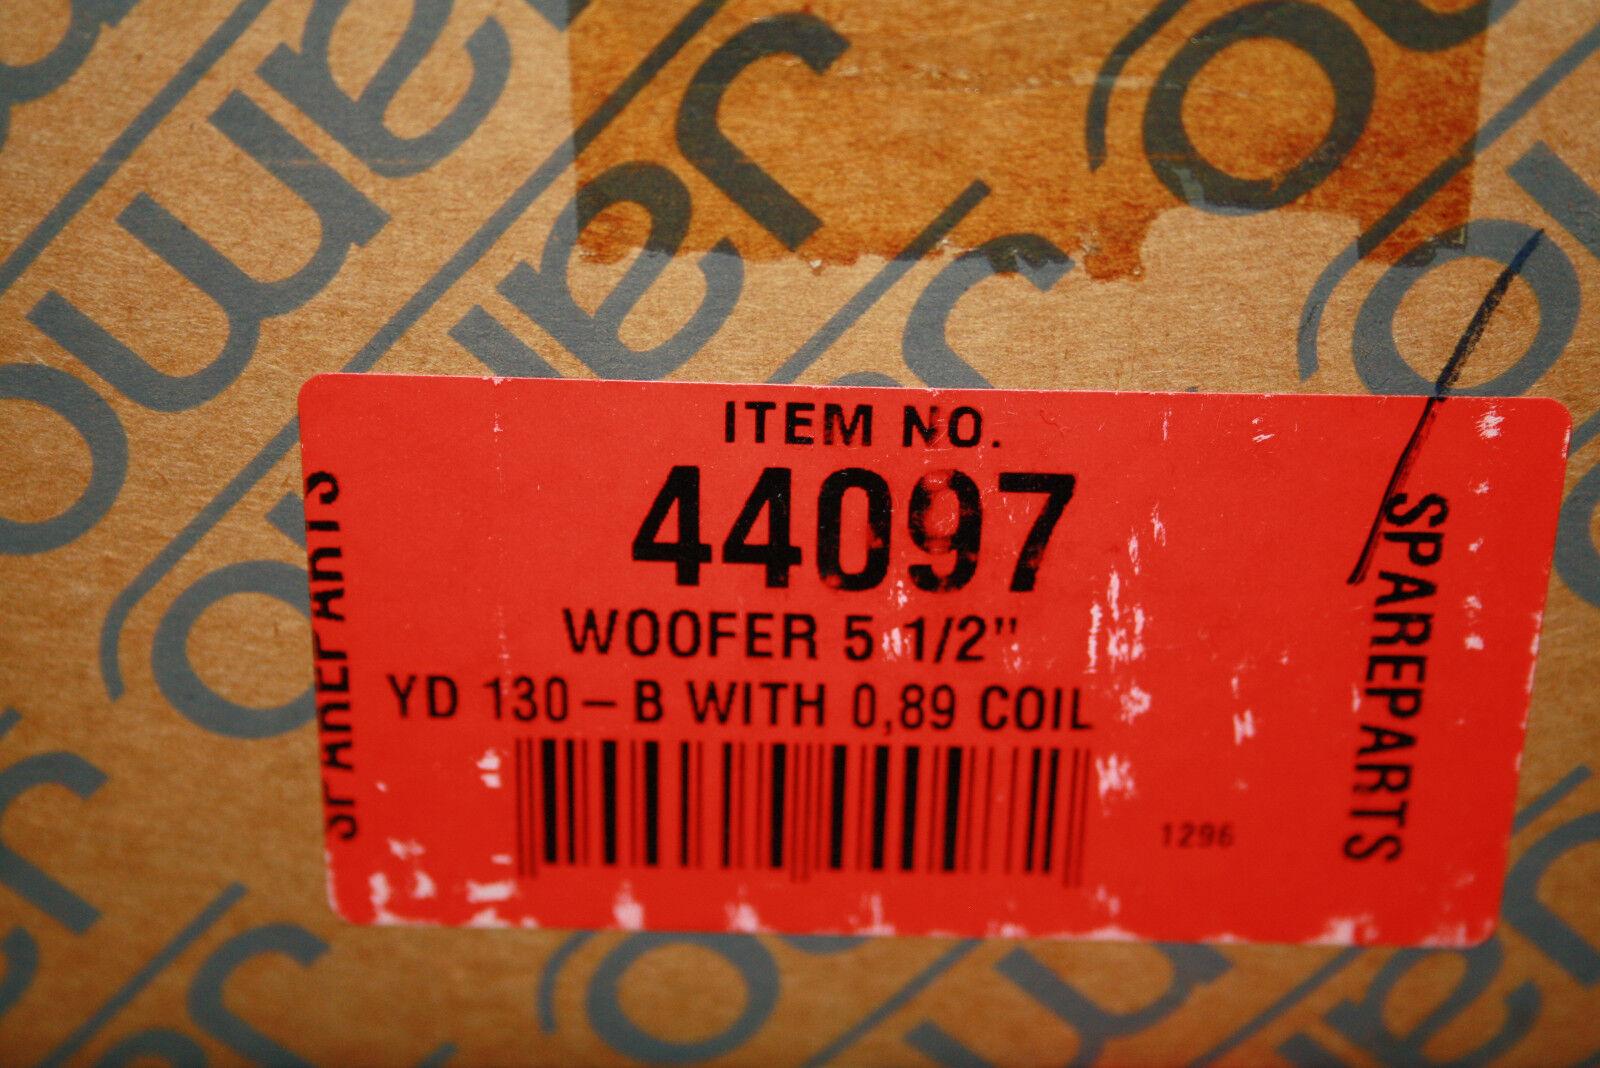 Jamo-woofer-44097-_57.jpg